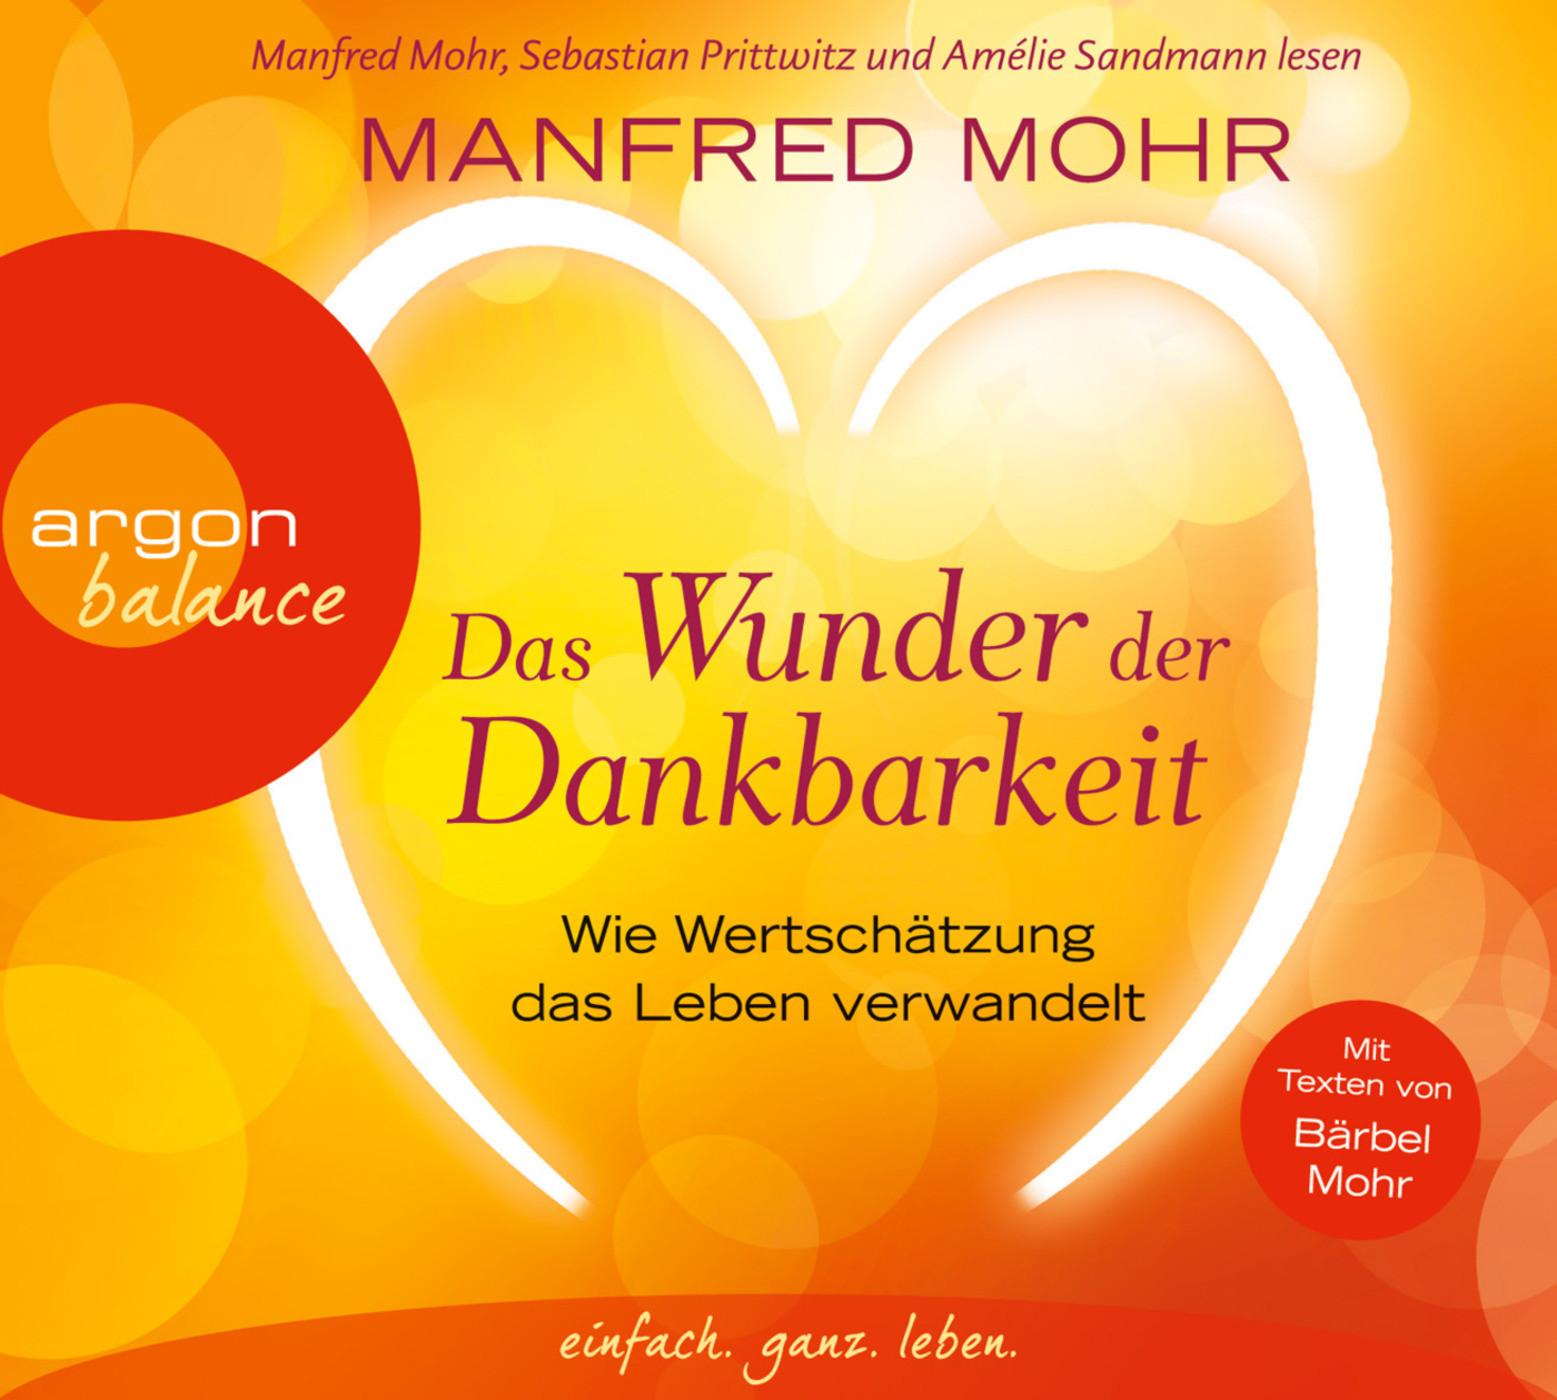 Manfred Mohr - Das Wunder der Dankbarkeit